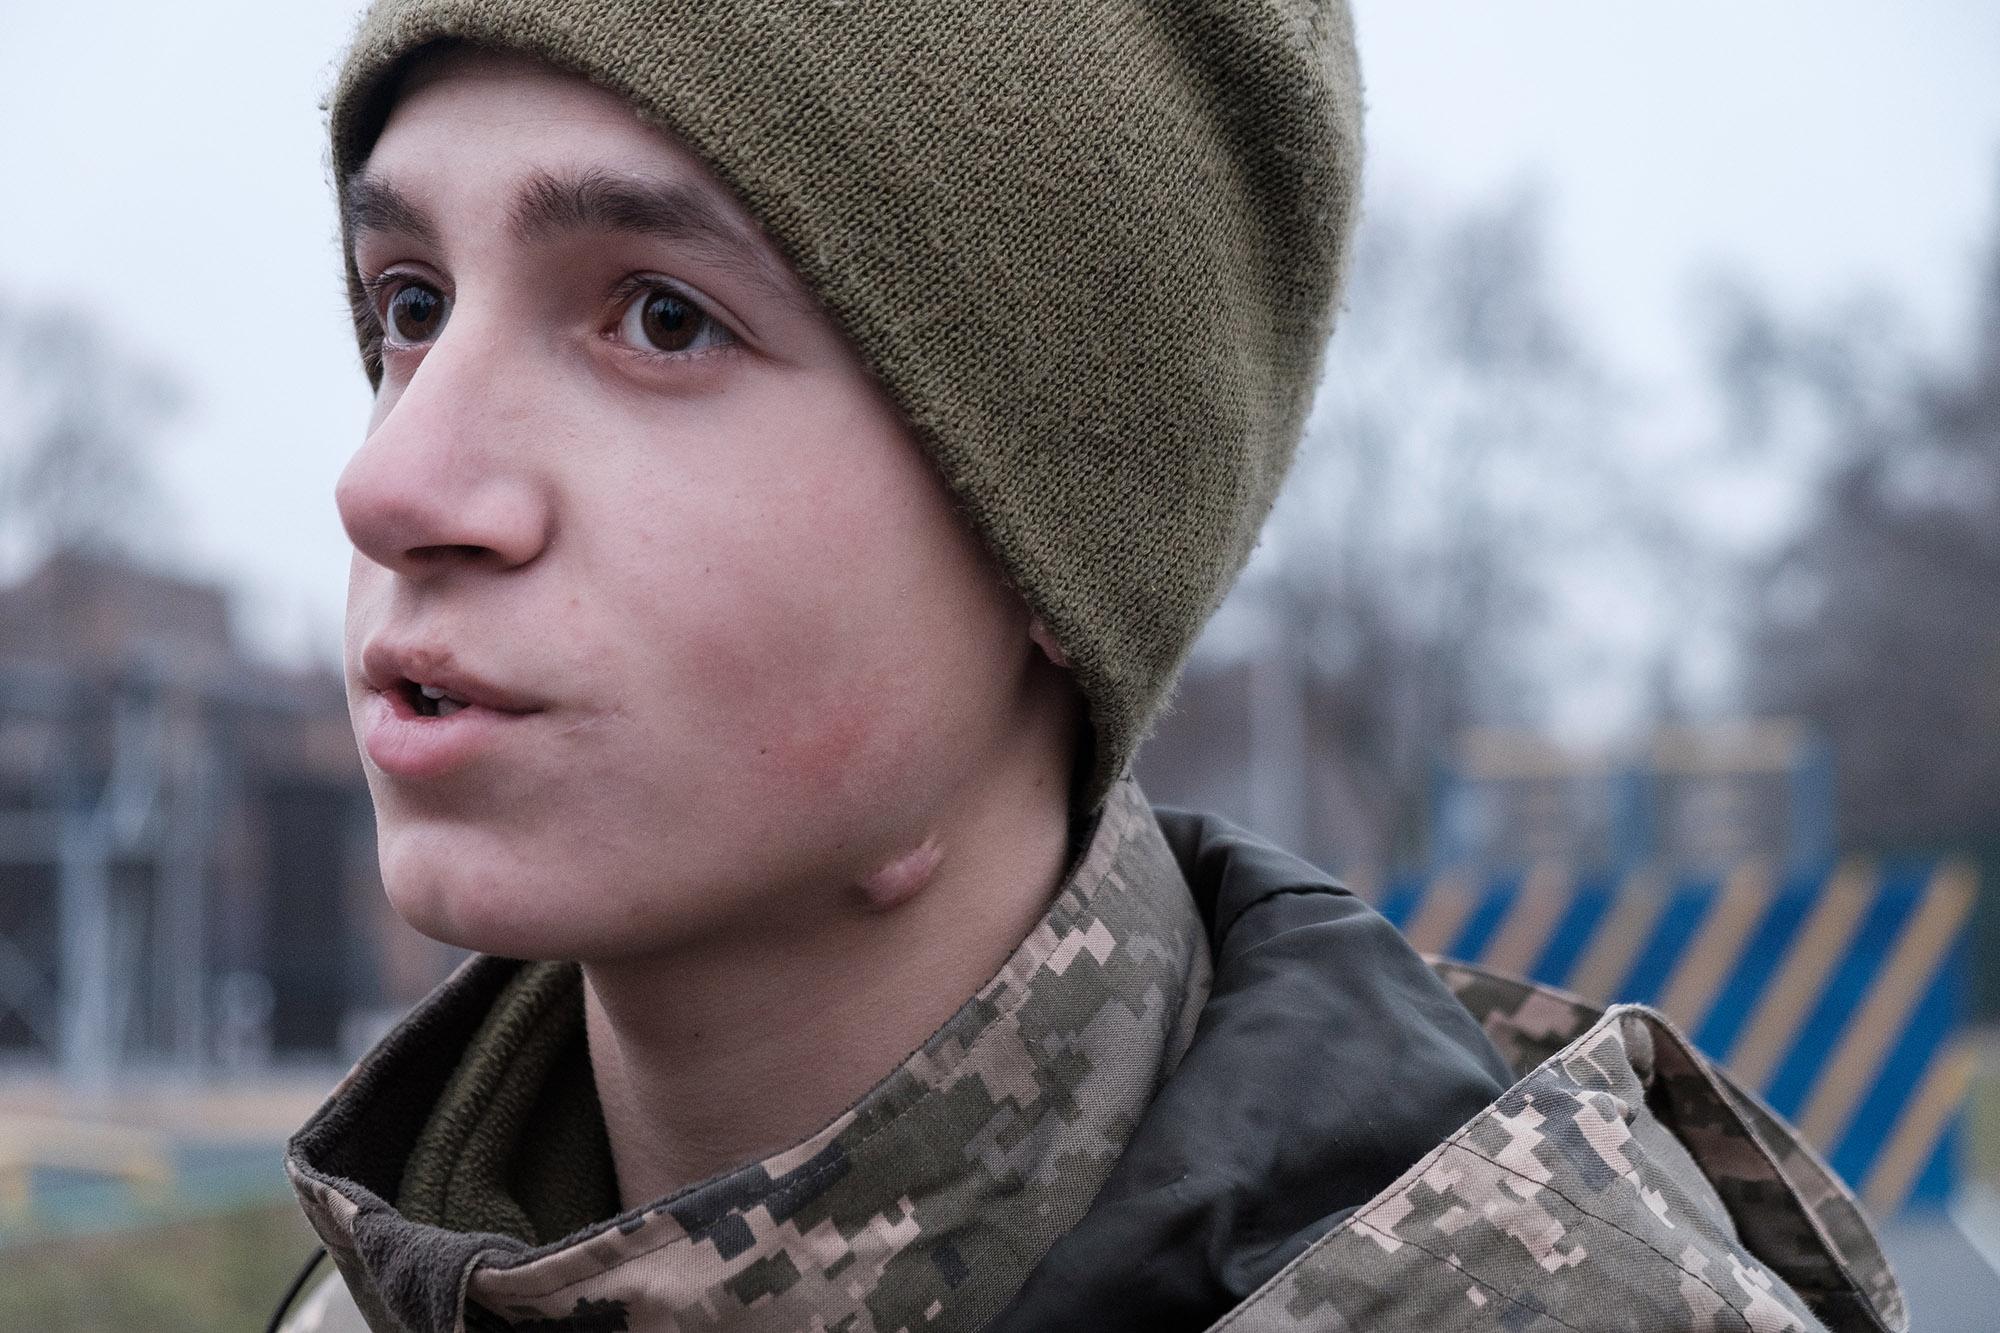 Сашко Гаркуша, який врятував дітей у селі Пашена Балка під Дніпром